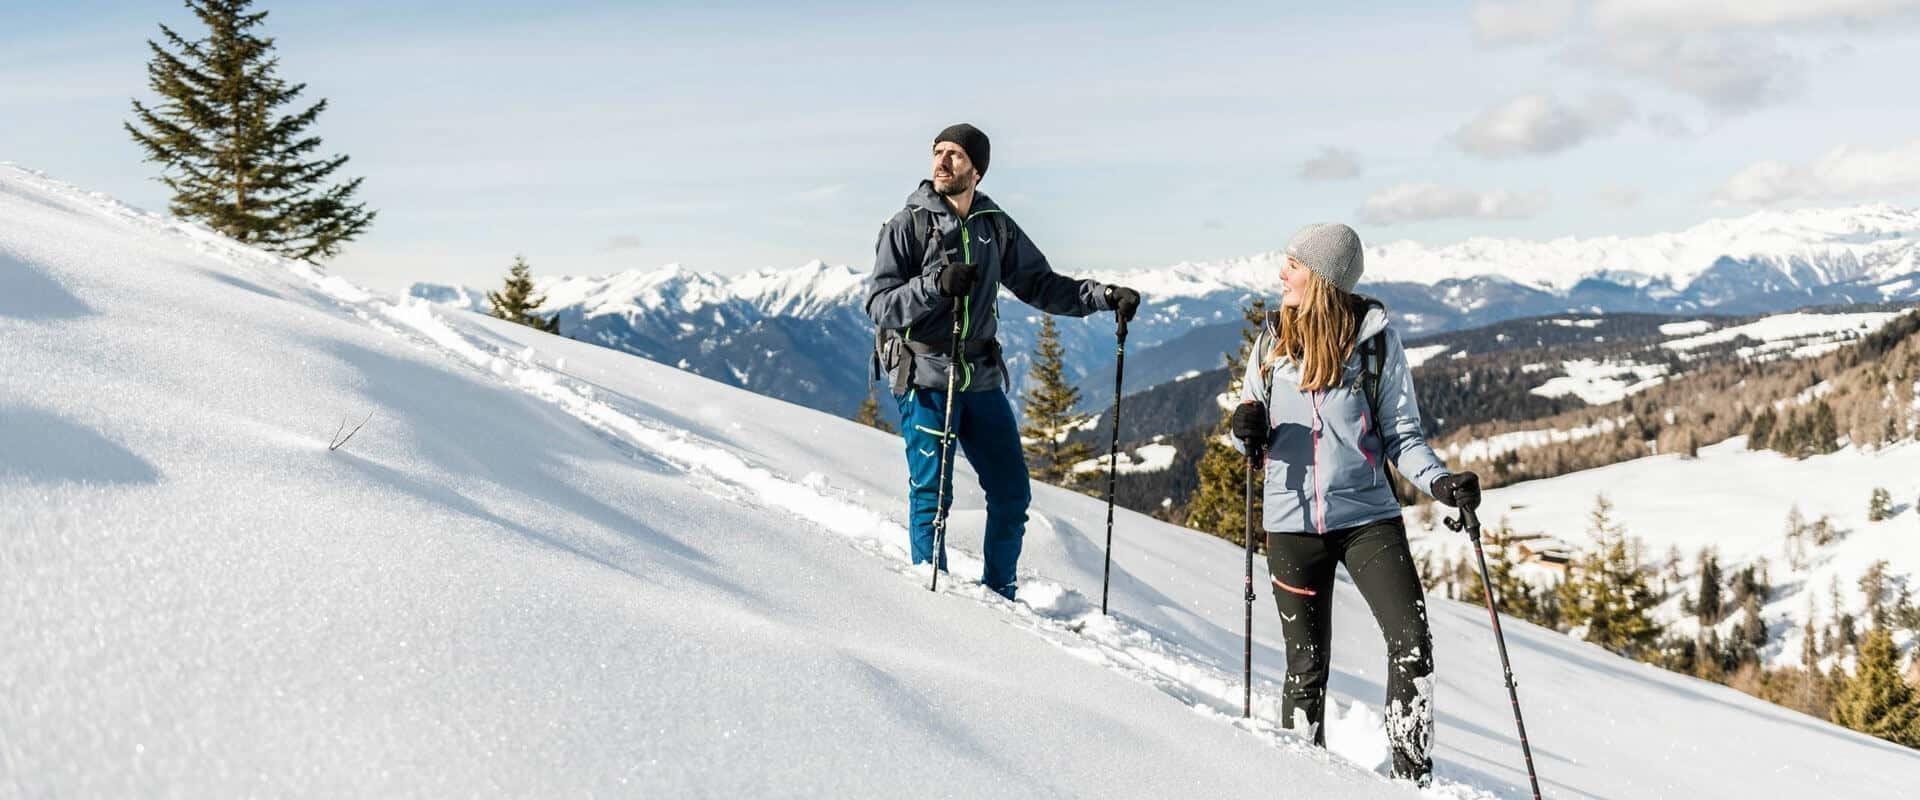 winterwandern-silvesterurlaub-luesner-alm